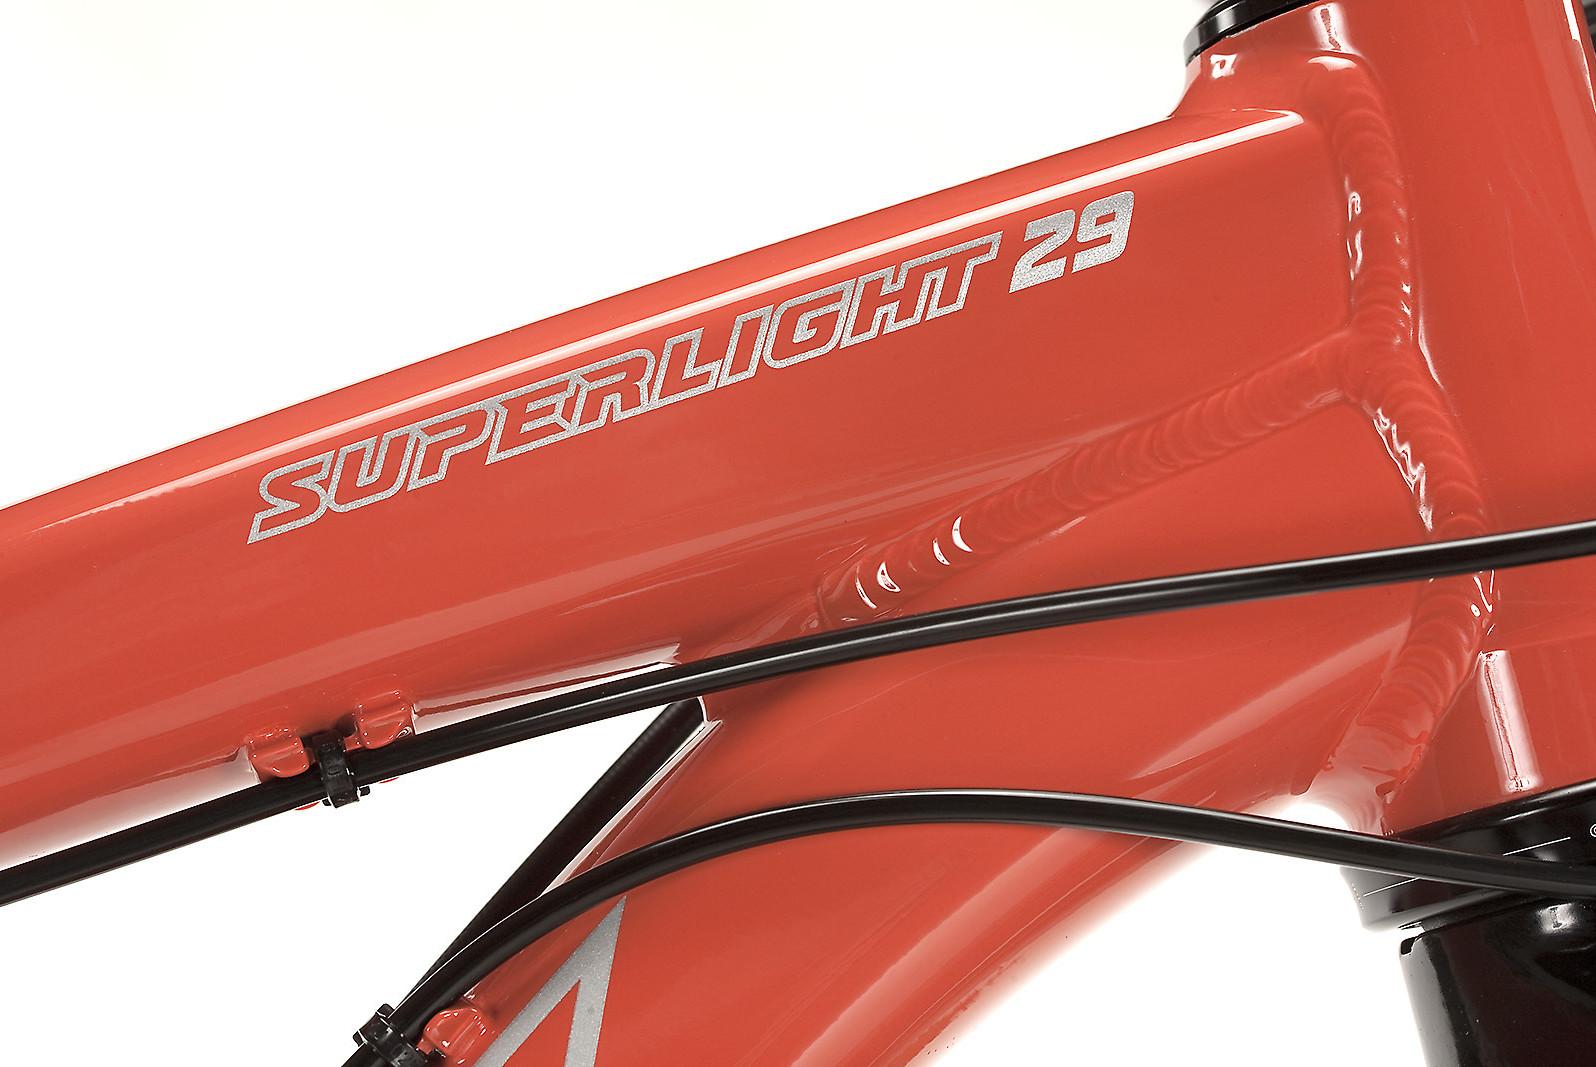 Santa Cruz Superlight 29 Frame - Reviews, Comparisons, Specs ...